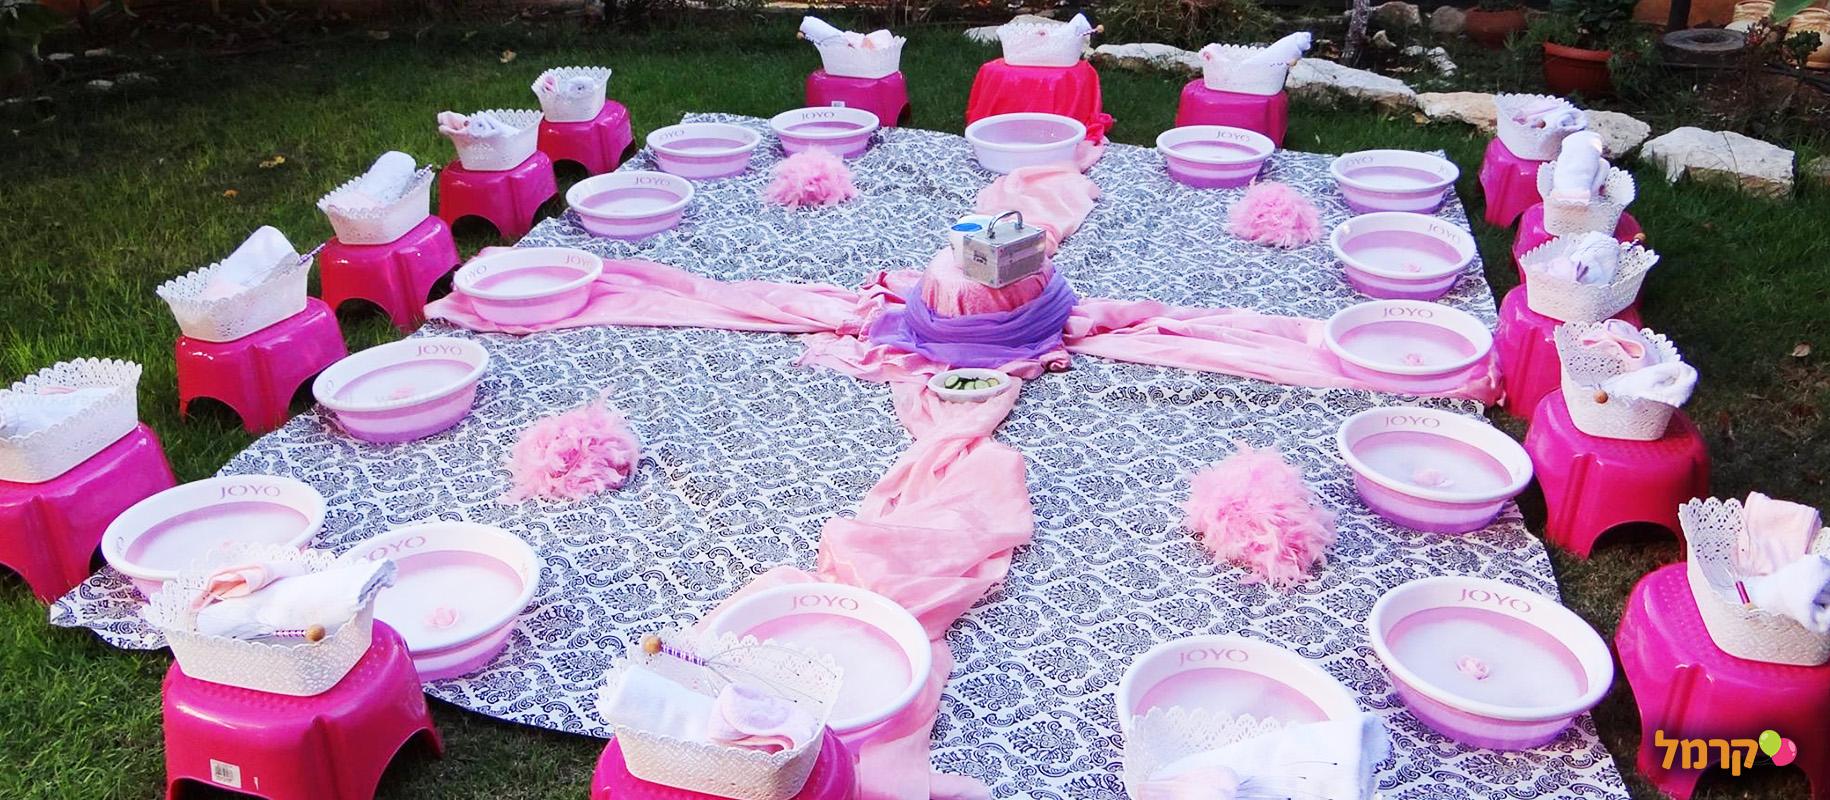 אבקת פיות - מסיבת ספא - 073-7828090